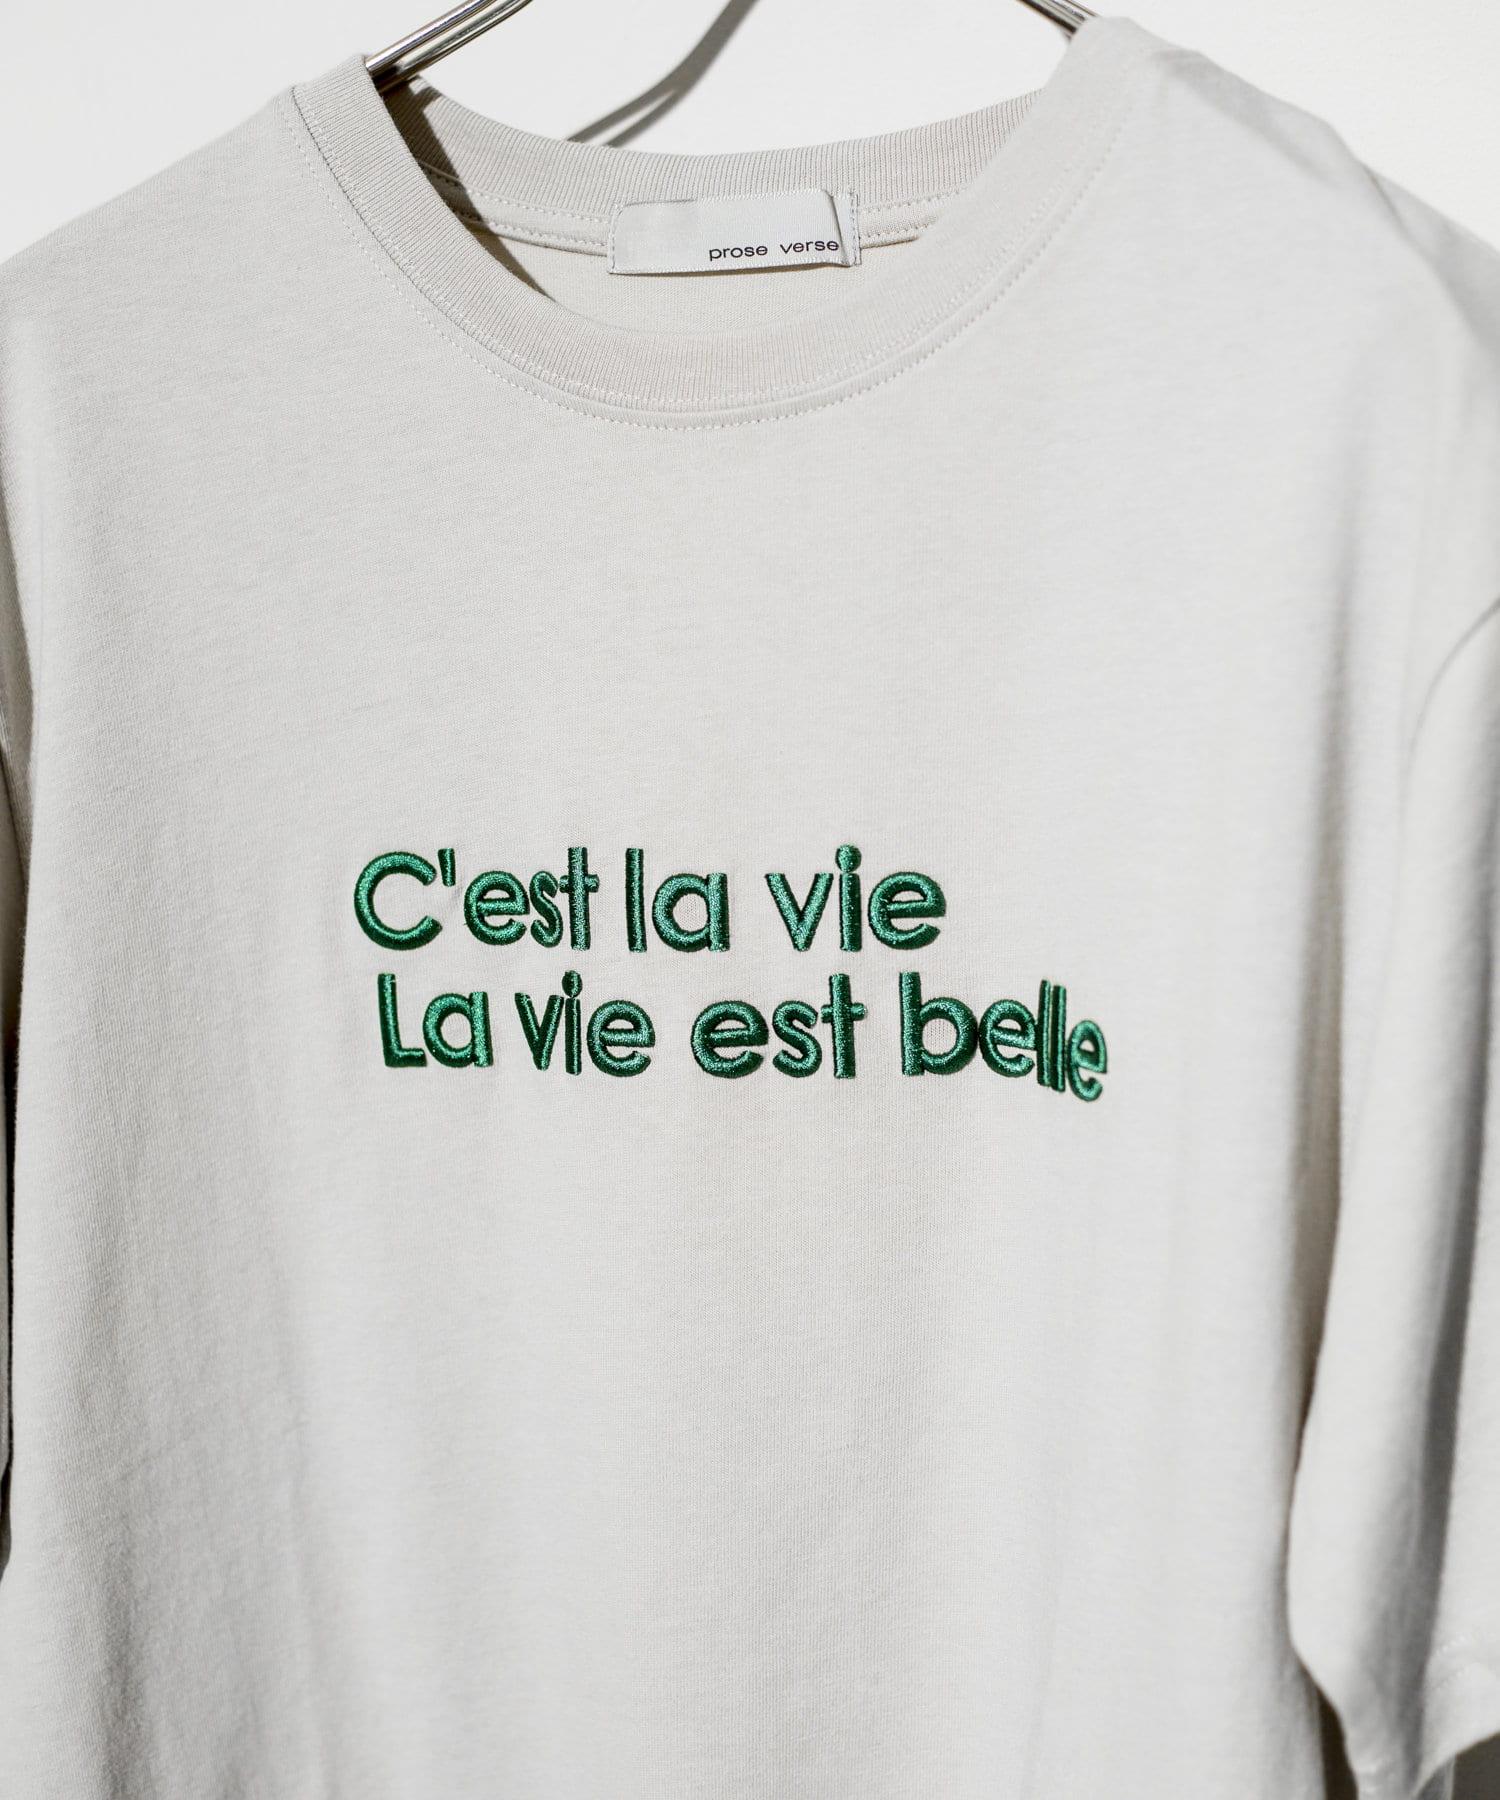 prose verse(プロズヴェール) 《一部店舗・WEB限定カラーあり》オーガニックコットンカラー刺繍Tシャツ